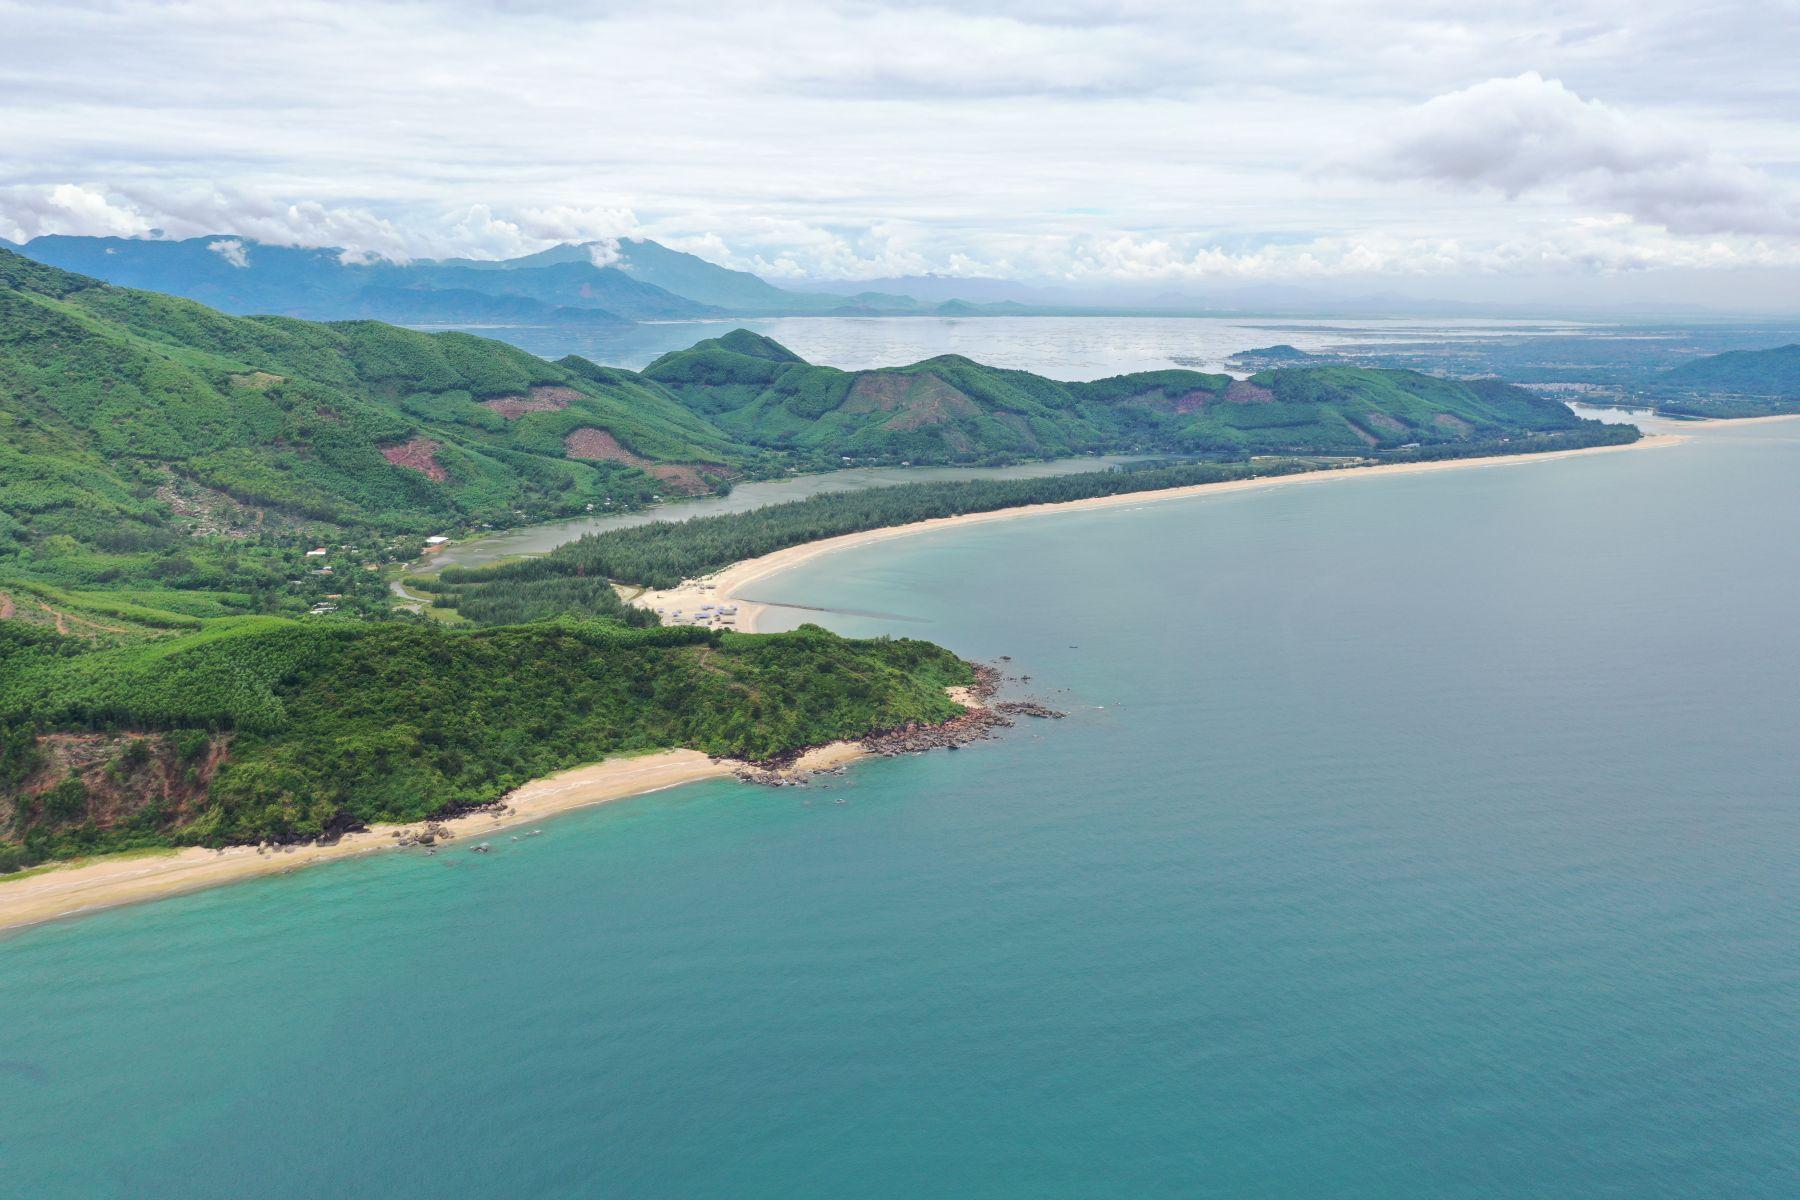 Dự án Lộc Bình Resort hơn 3.000 tỉ đồng gặp khó khăn bồi thường, giải phóng mặt bằng - Ảnh 1.